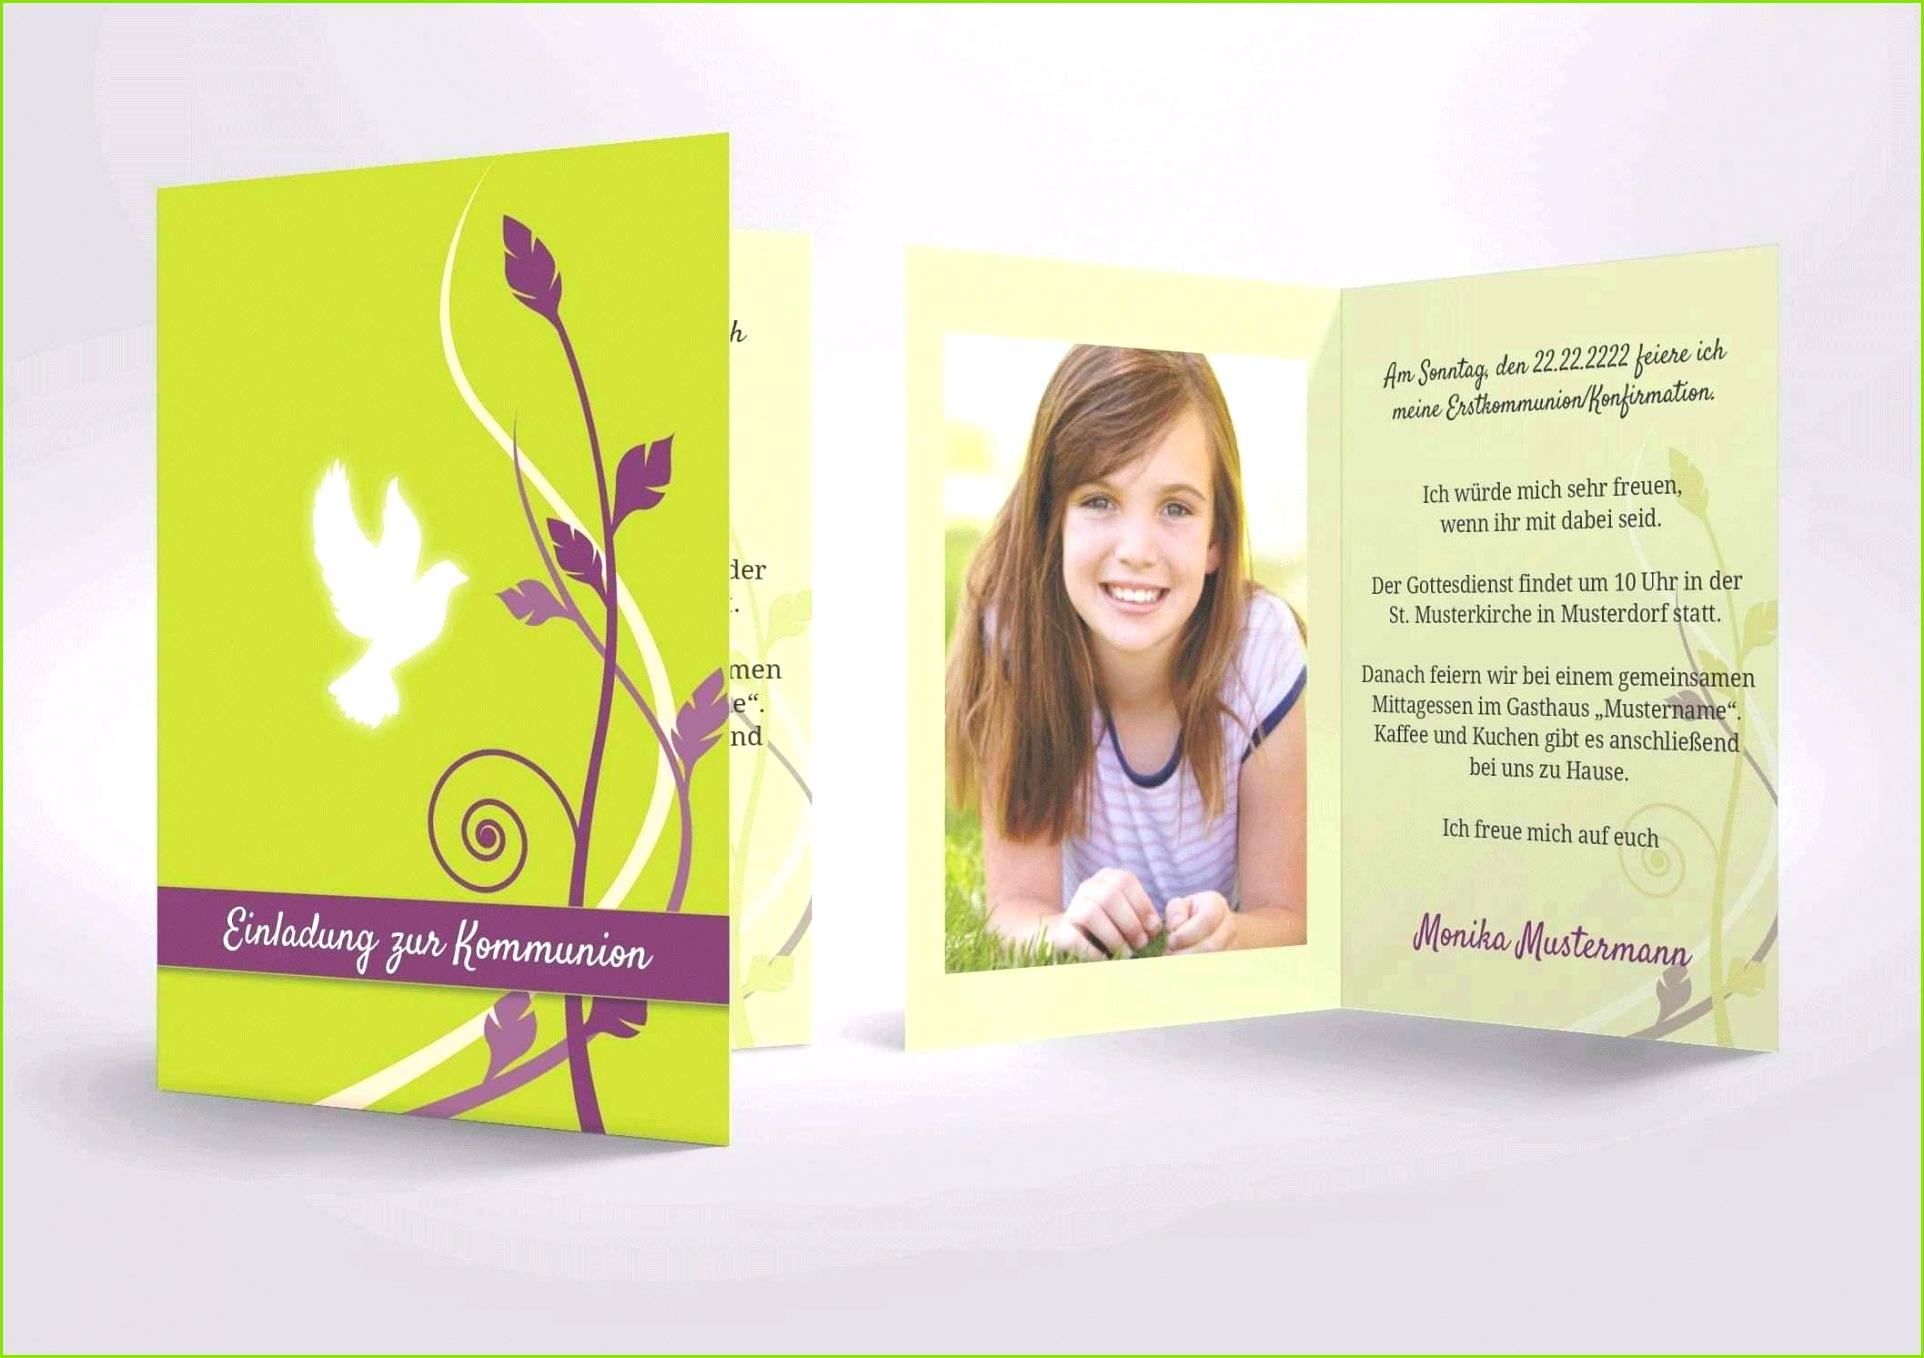 Einladungskarten Vorlagen Geburtstag Line Karten Gestalten Einladungskarten Vorlagen Geburtstag Vorlagen Einladungen 0d – Einladung Konfirmation Vorlage